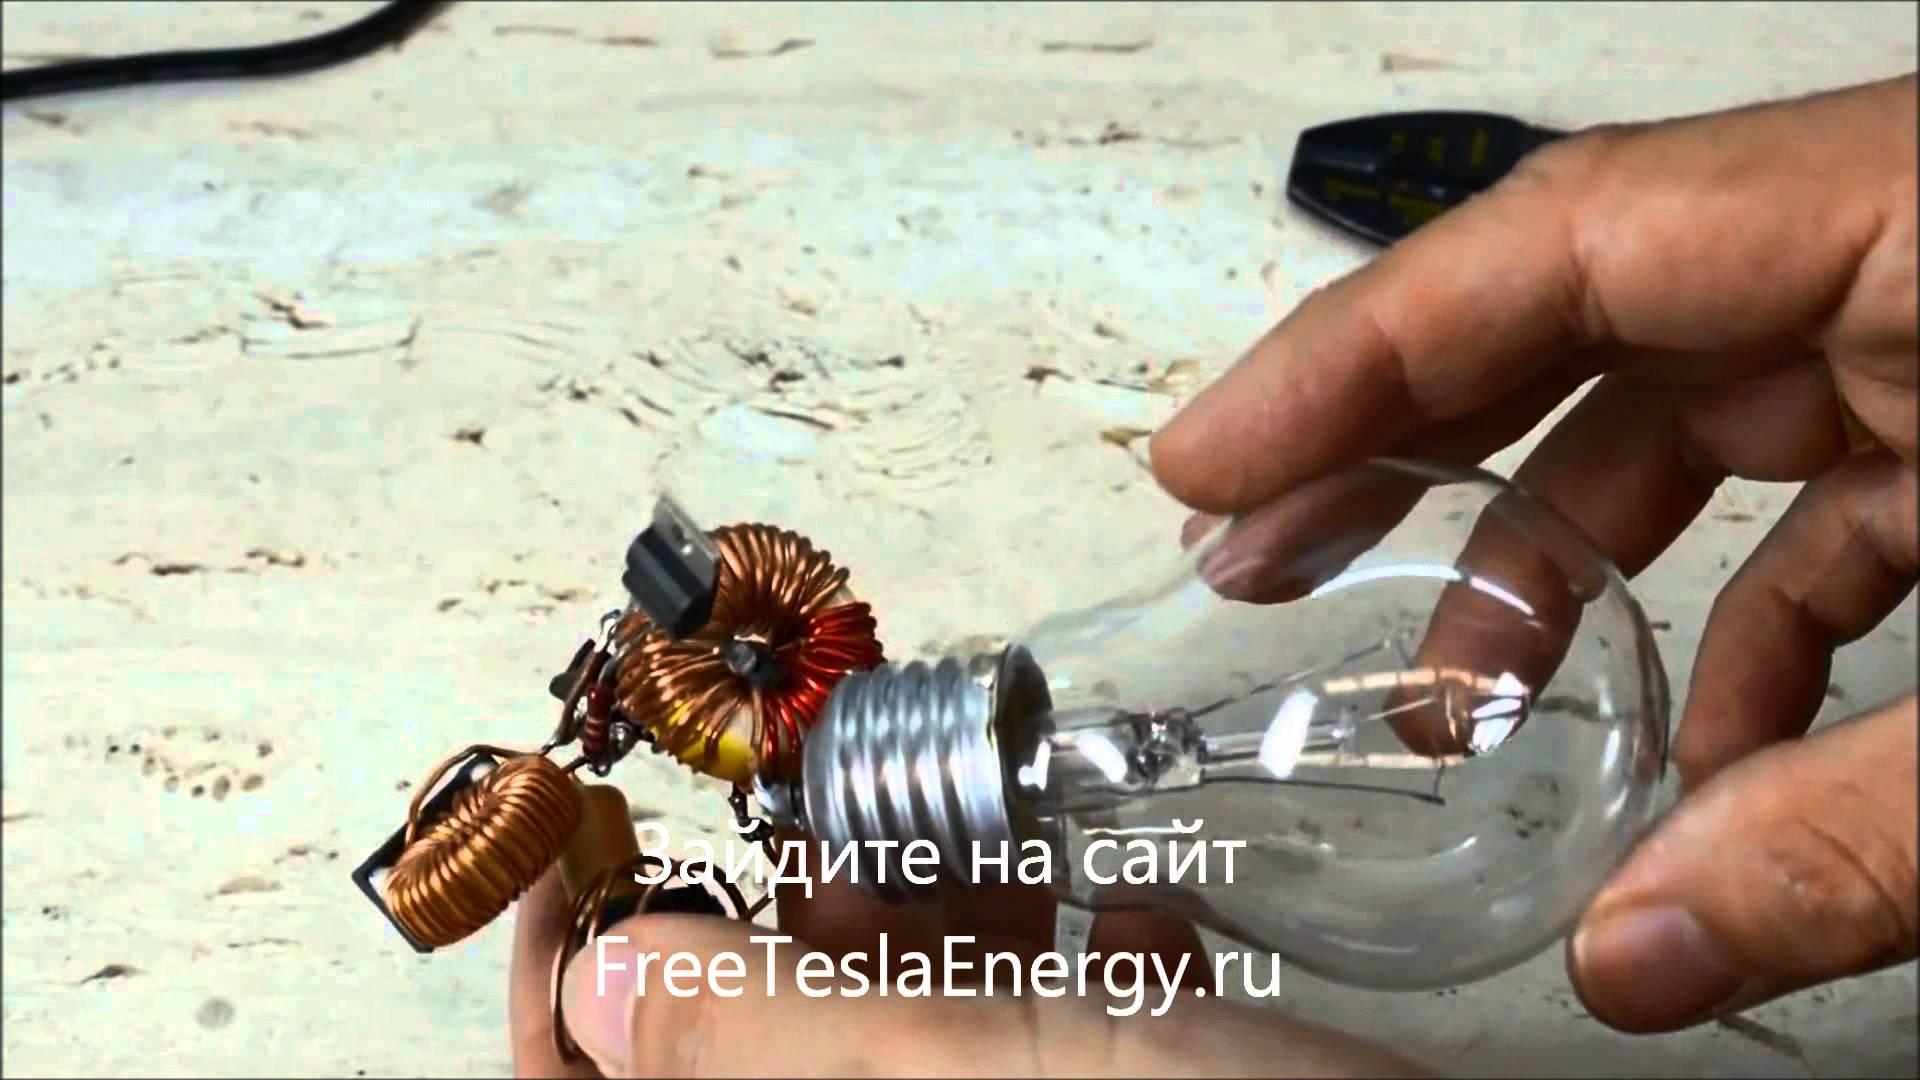 Бесплатные источники энергии своими руками фото 290